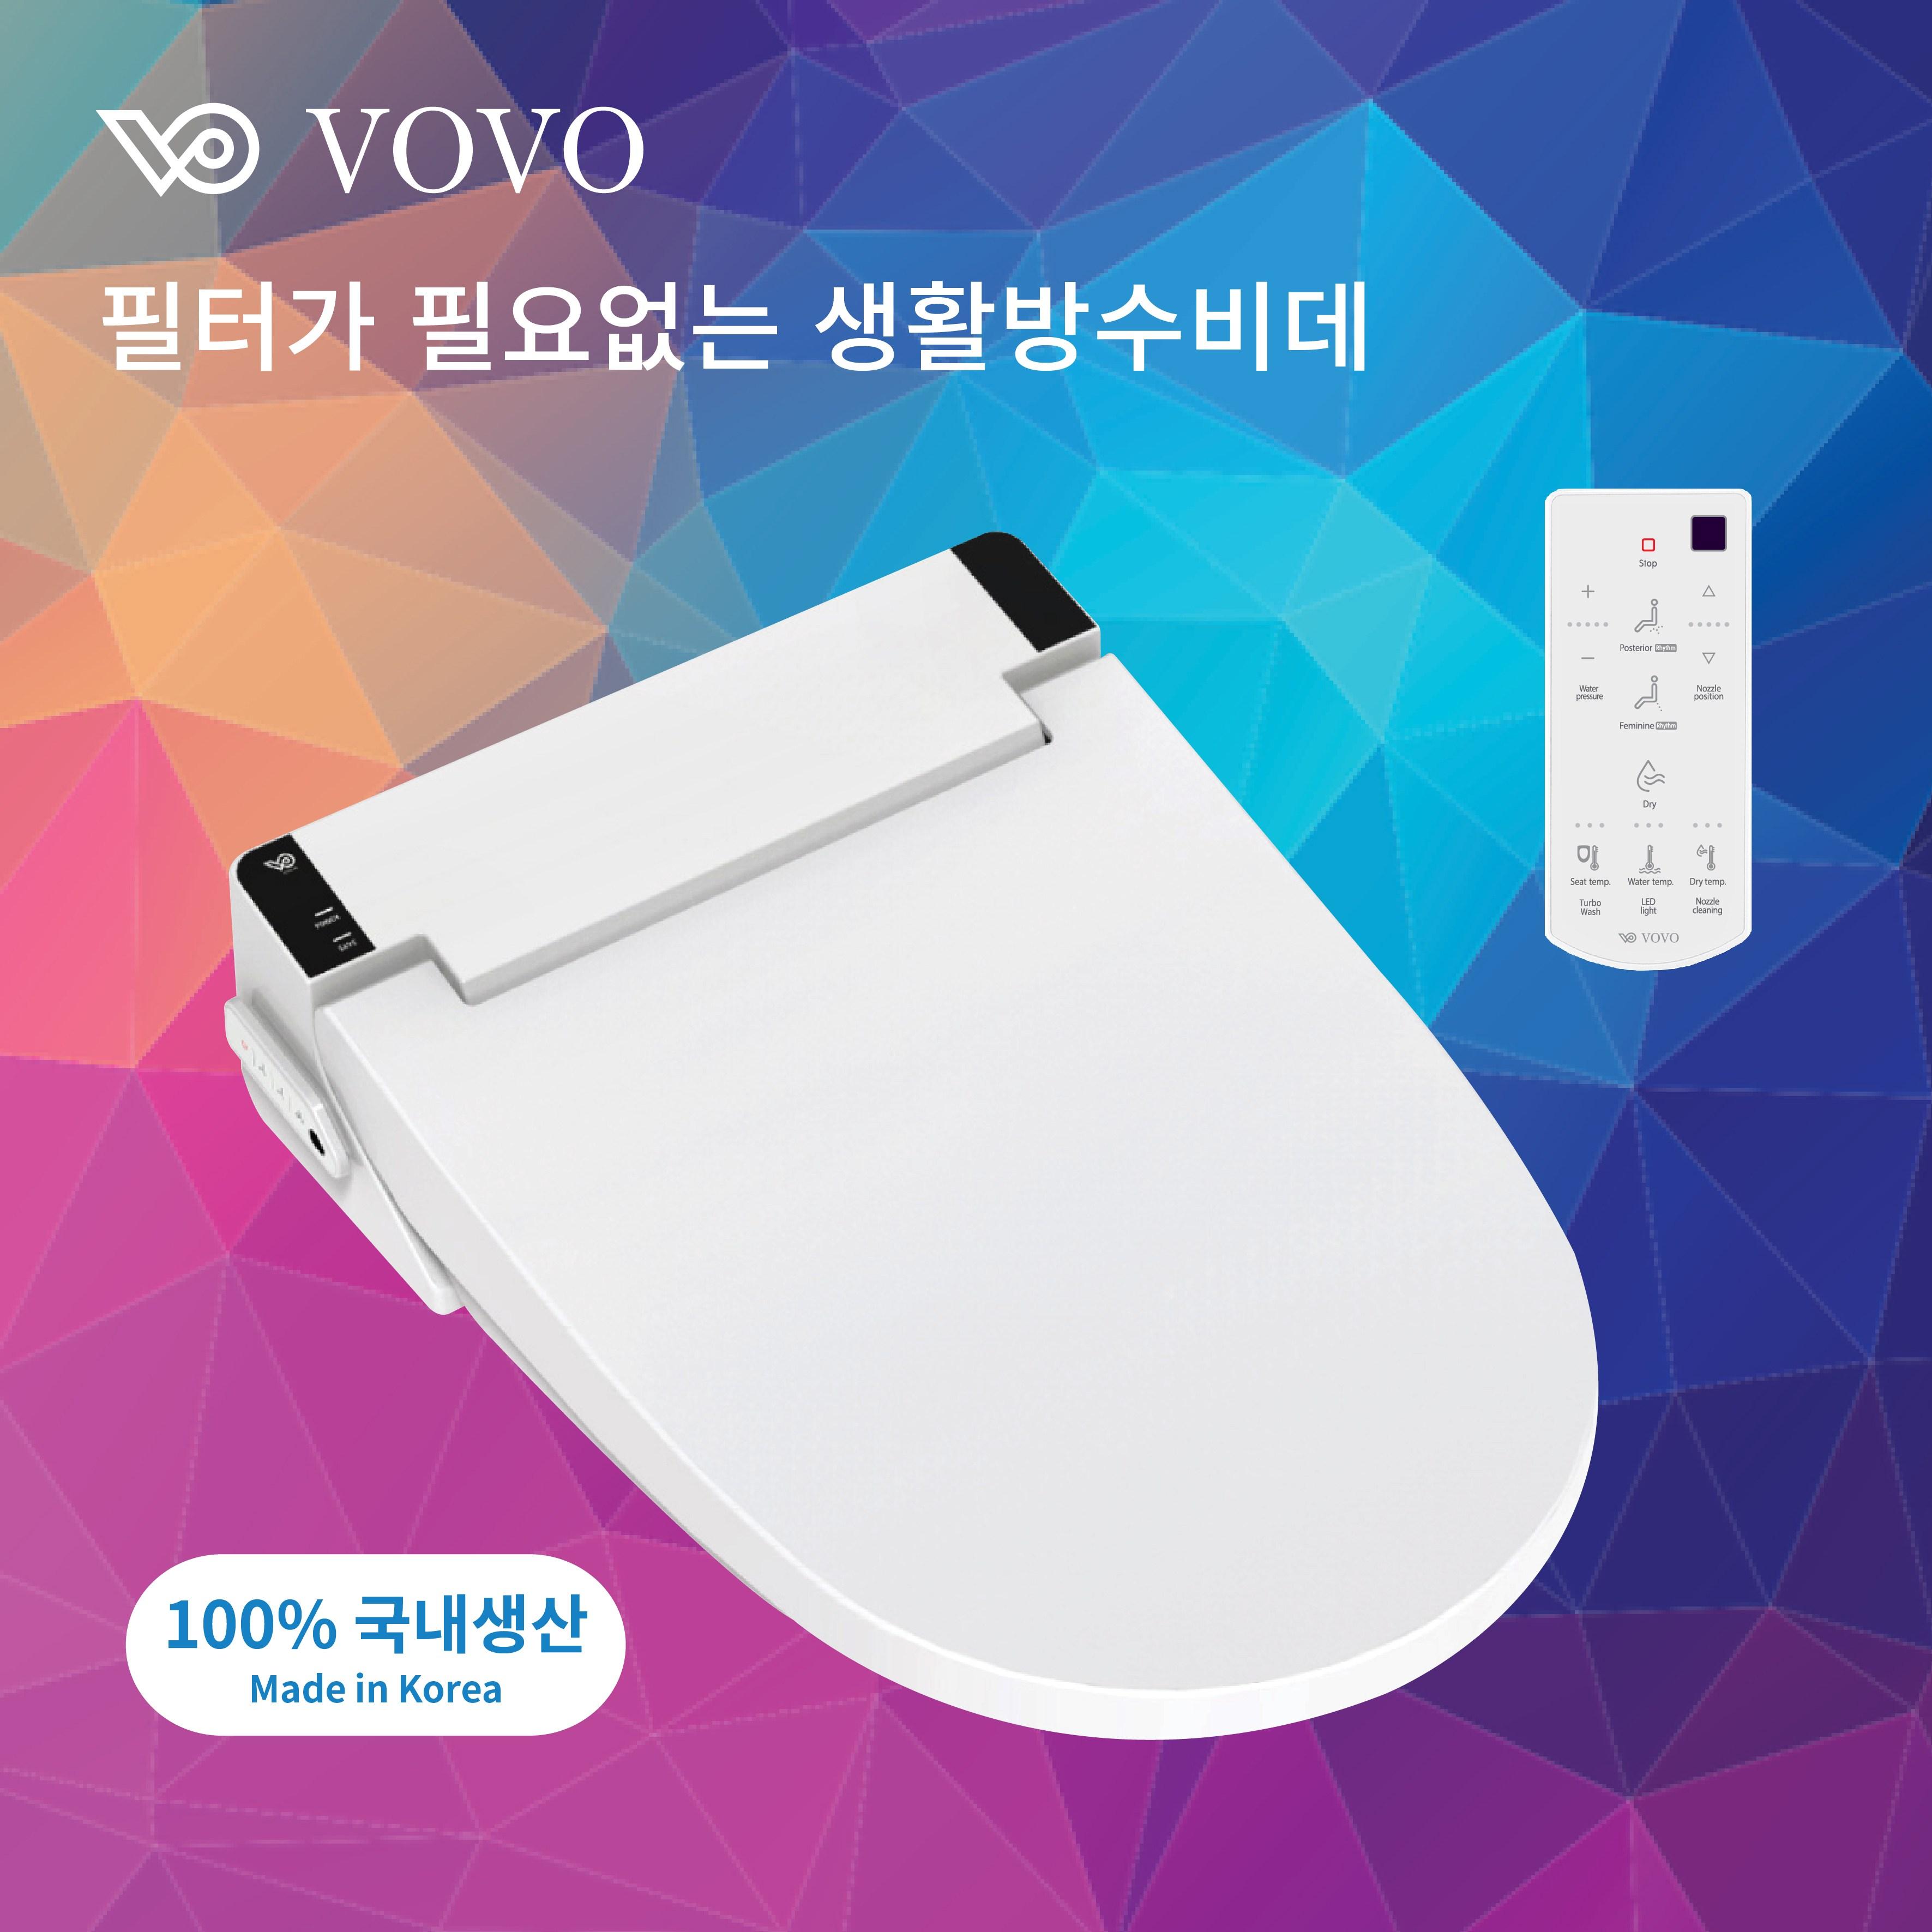 VOVO [본사직영 신제품] 국내제조 필터가 필요없는 생활 방수 비데 풀스테인리스 노즐 관장기능 VB-6100S 중형, 기사방문설치